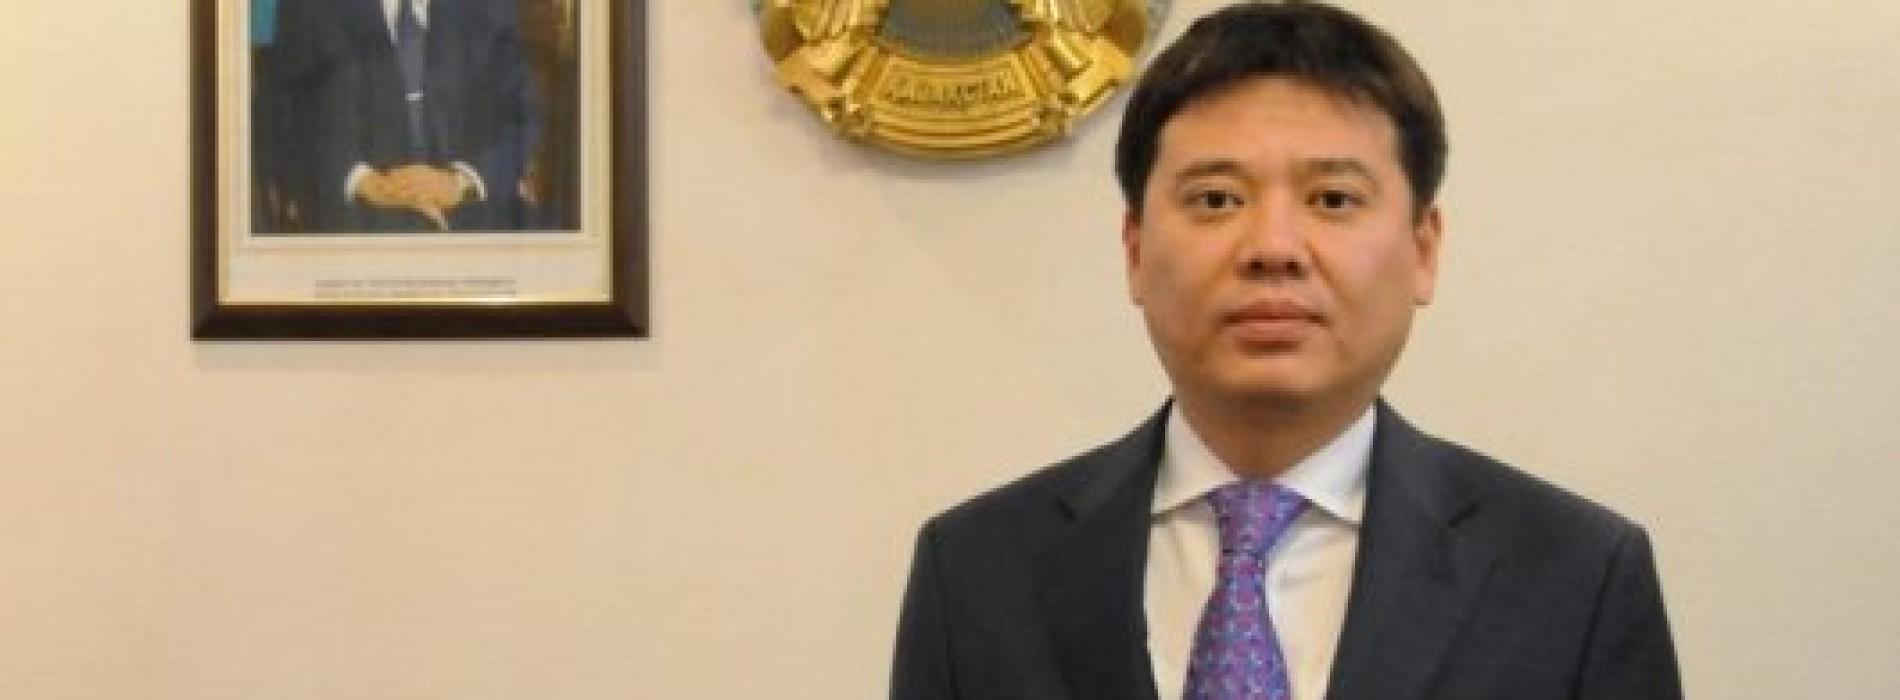 Министром юстиции РК назначен Марат Бекетаев